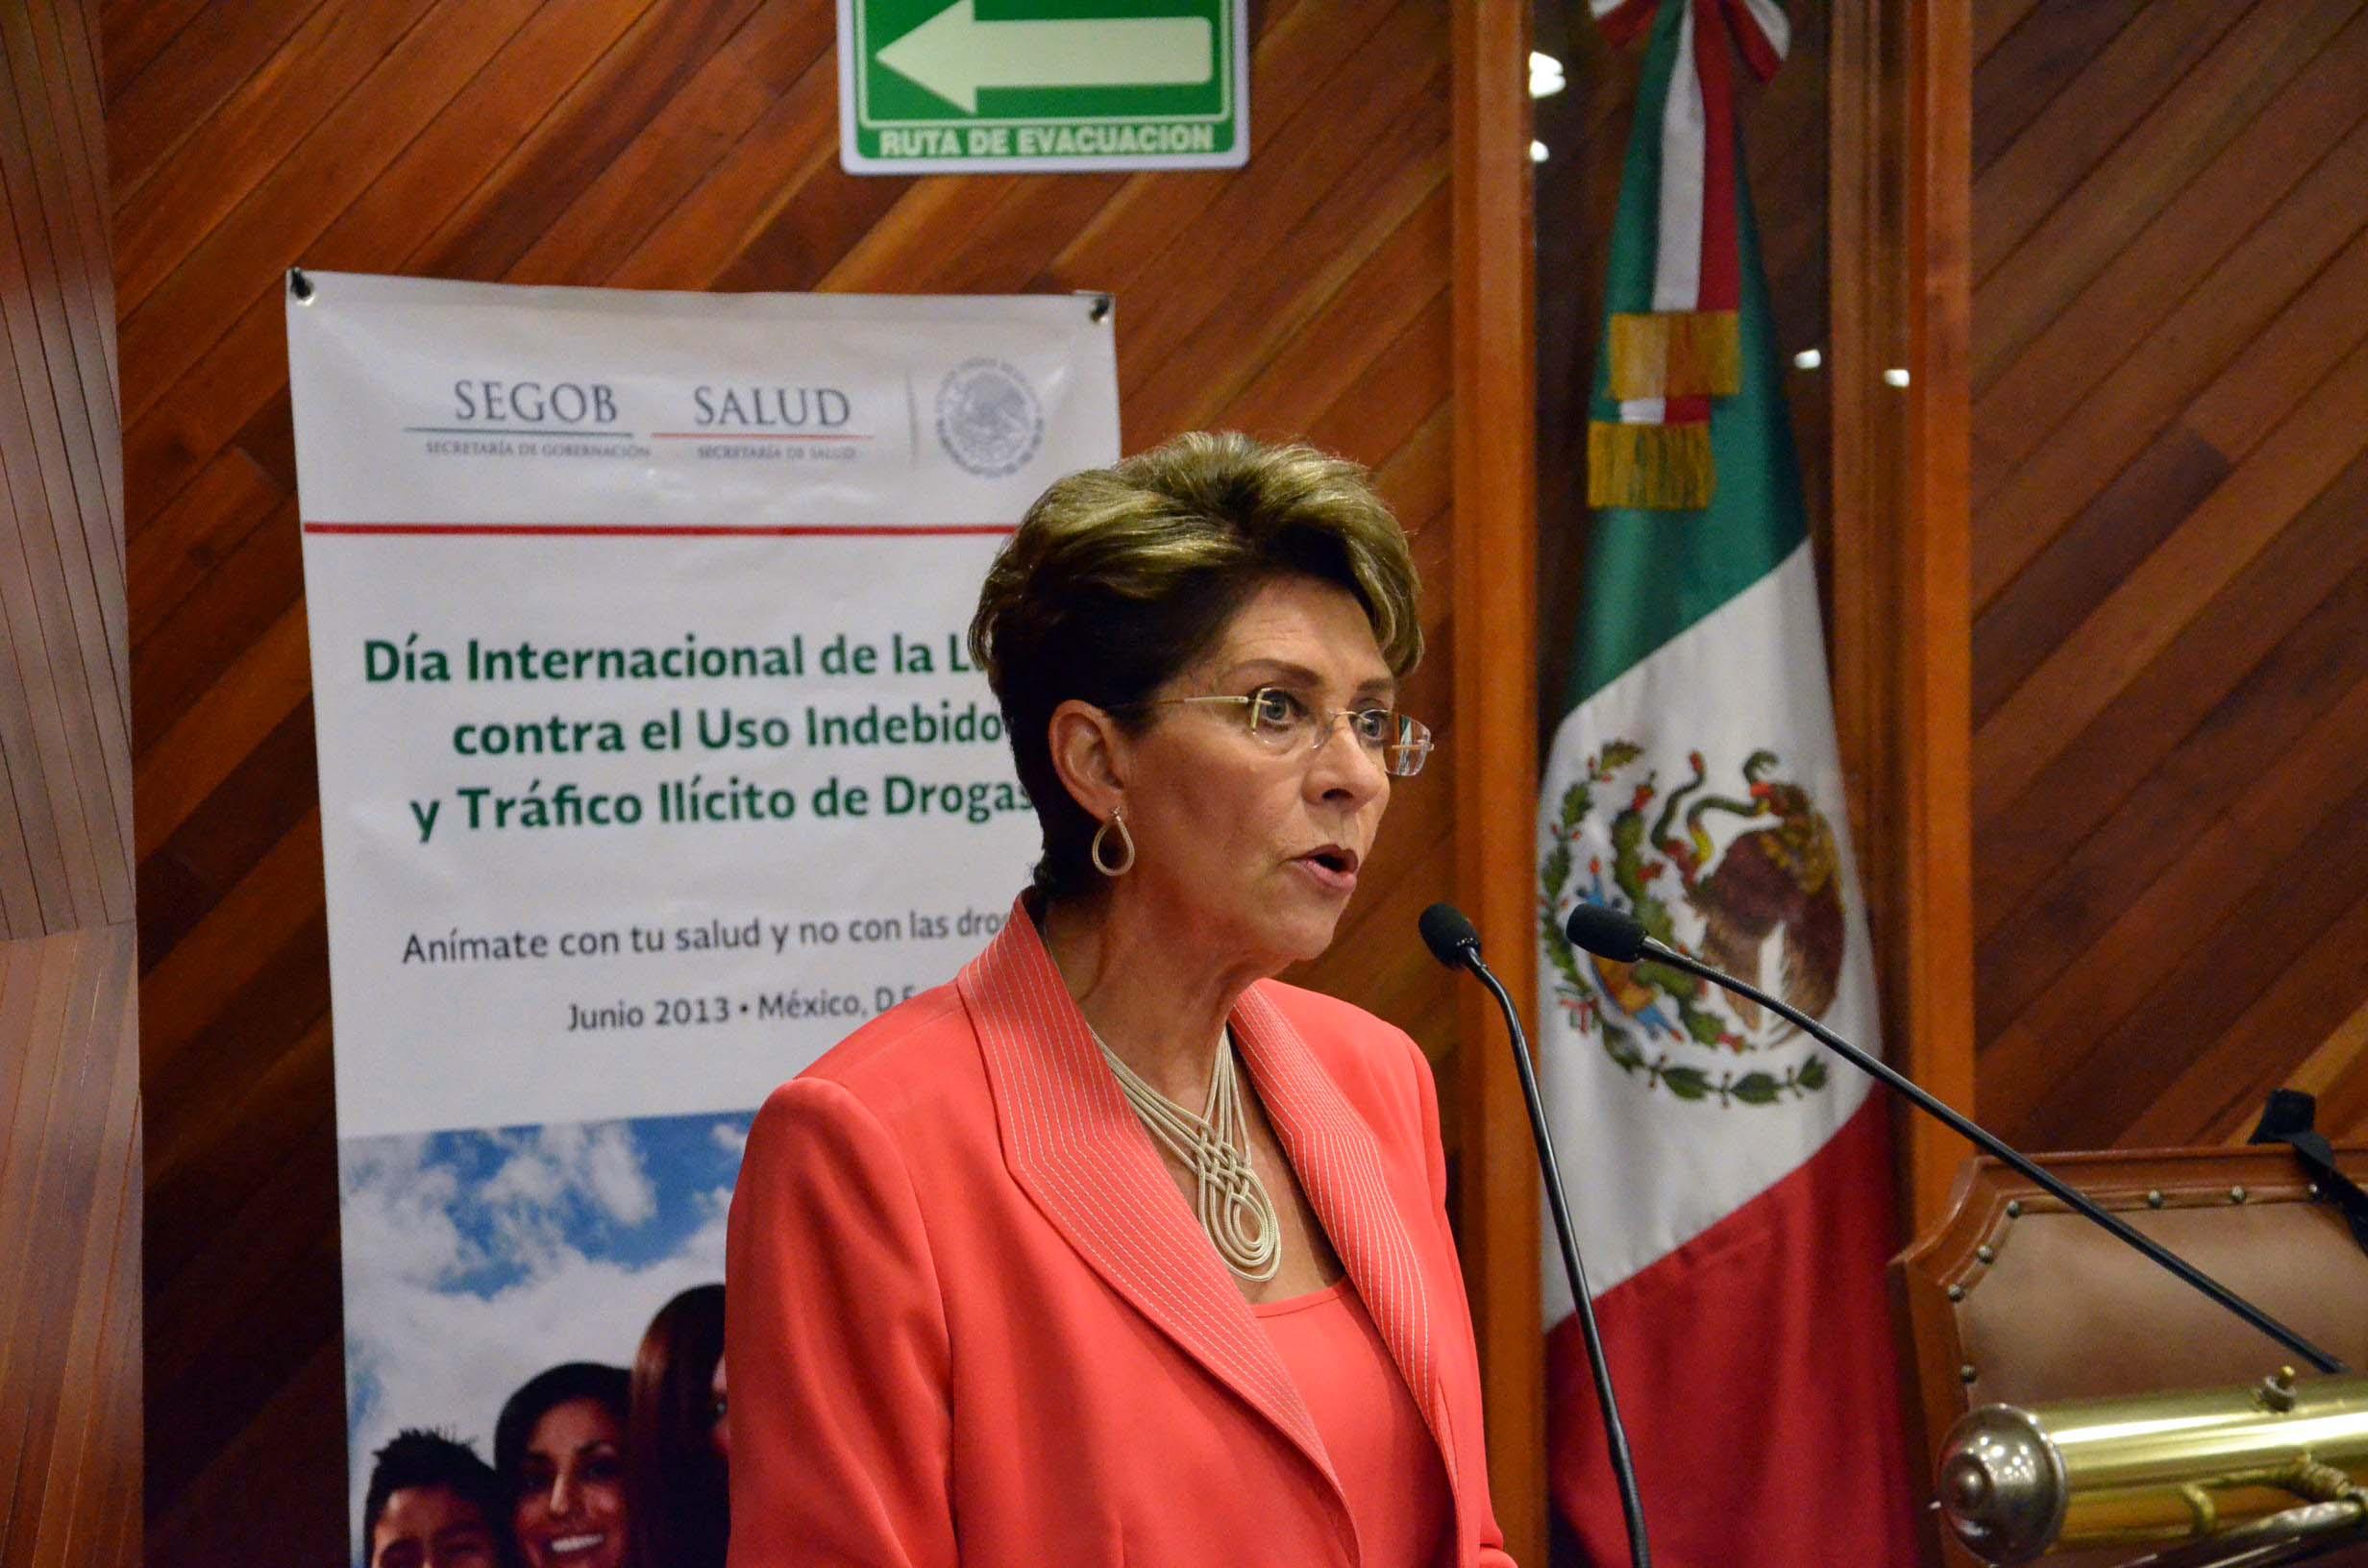 Conmemoración del Día Internacional de la Lucha contra el Uso Indebido y el Tráfico Ilícito de Drogas